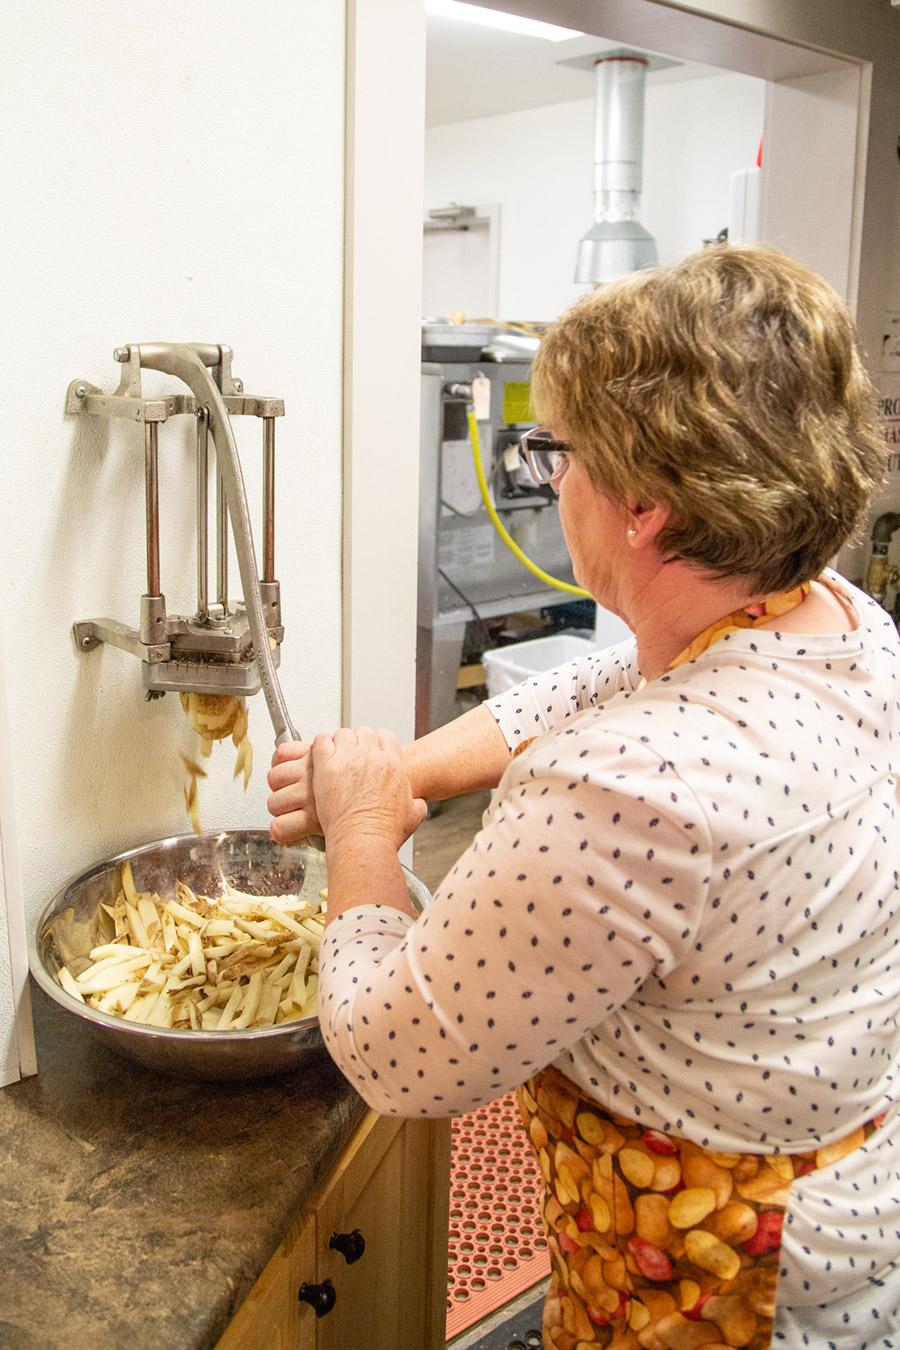 PEI Potato Country Kitchen - O'Leary, PEI